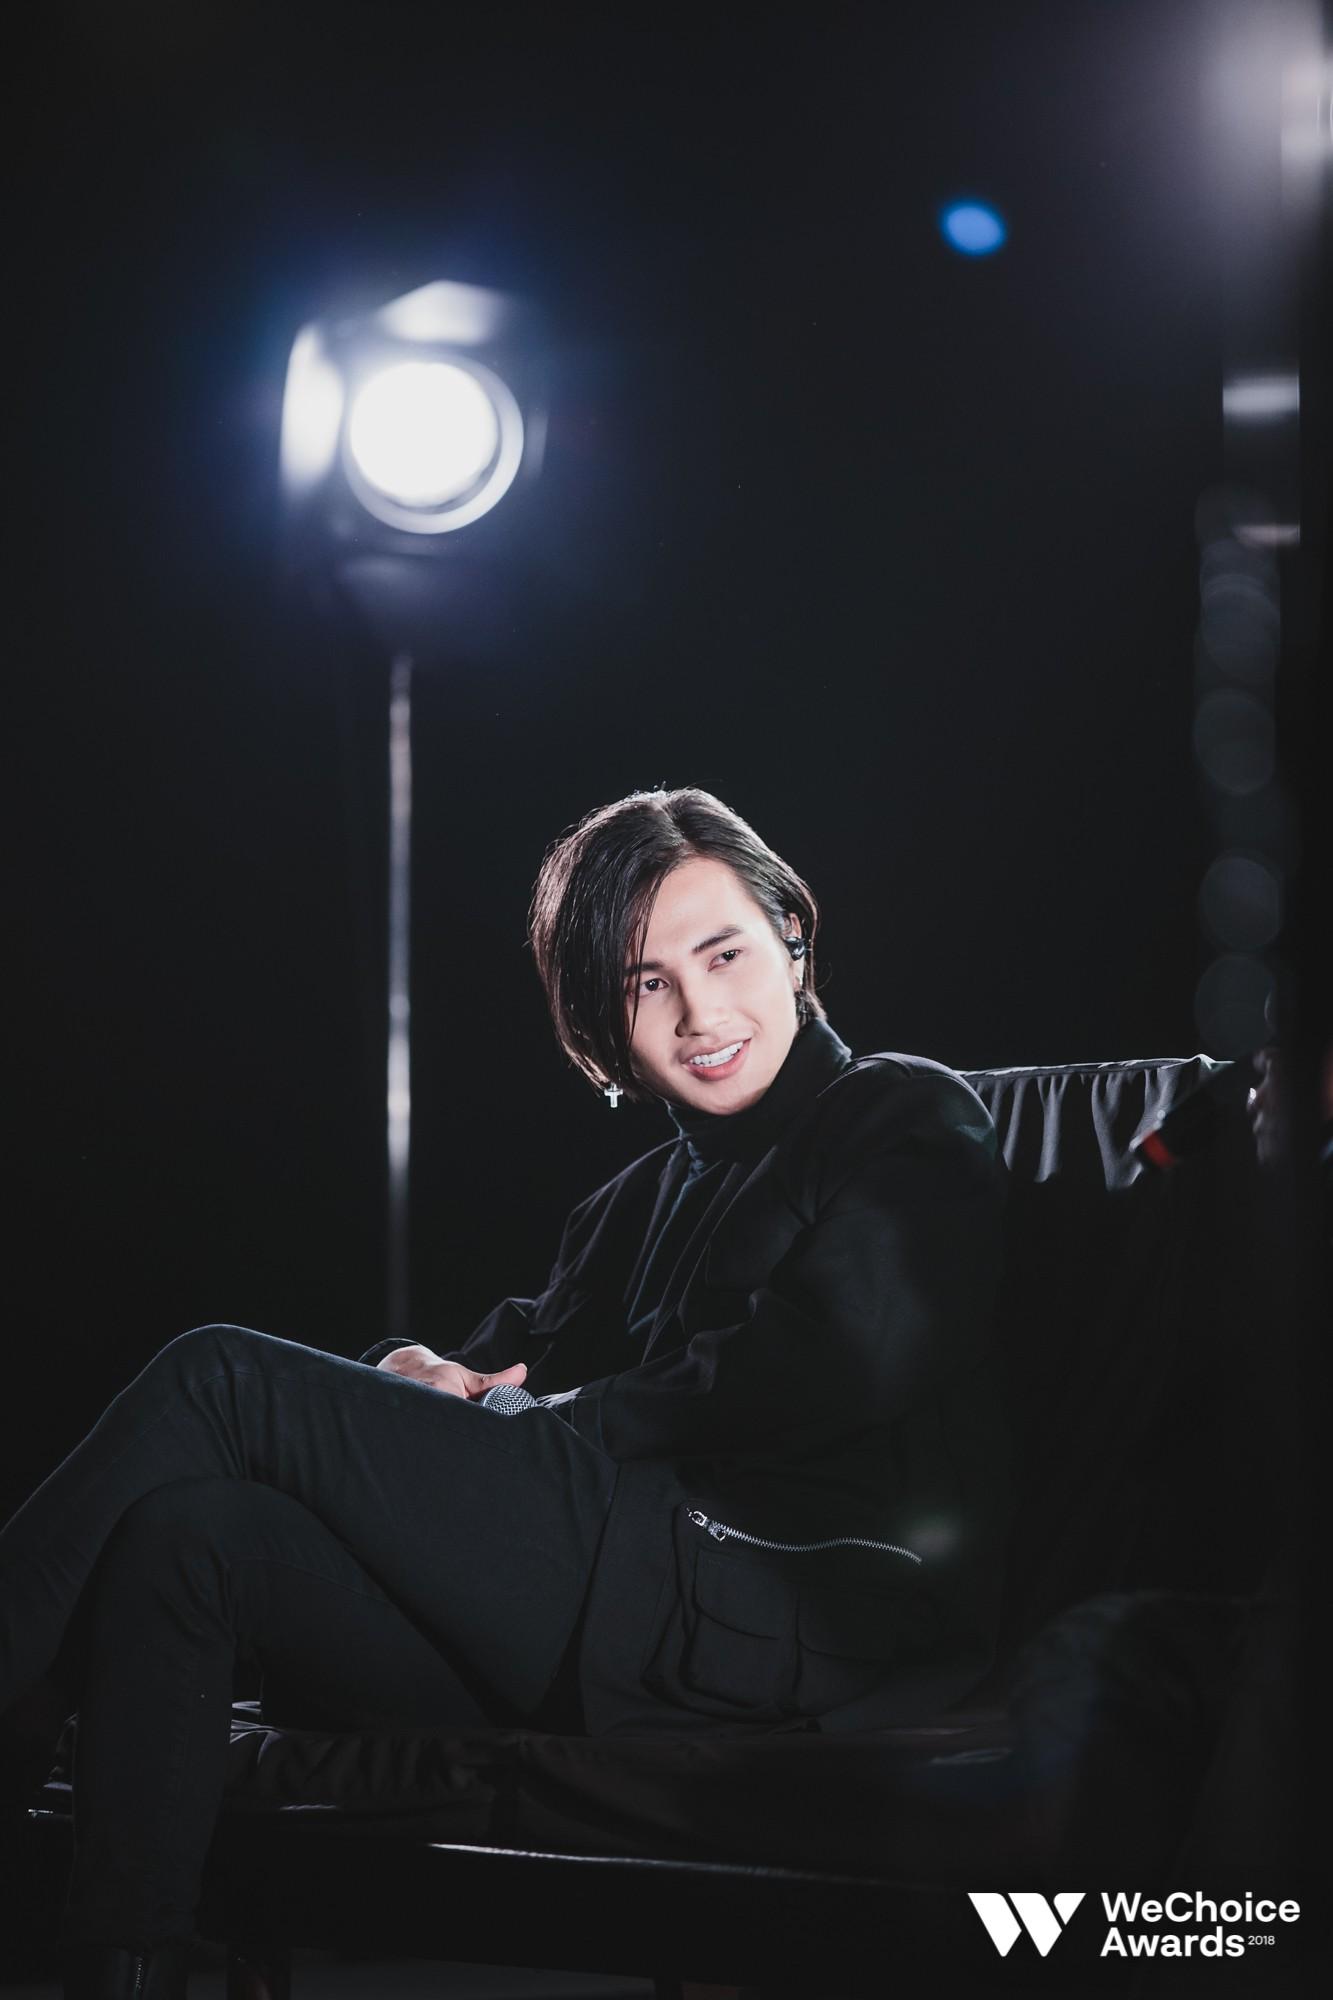 Nguyễn Trọng Tài đẹp trai hút hồn, mang HongKong 1 mash-up với hiện tượng Cô Gái M52 tại Gala WeChoice Awards 2018 - Ảnh 3.